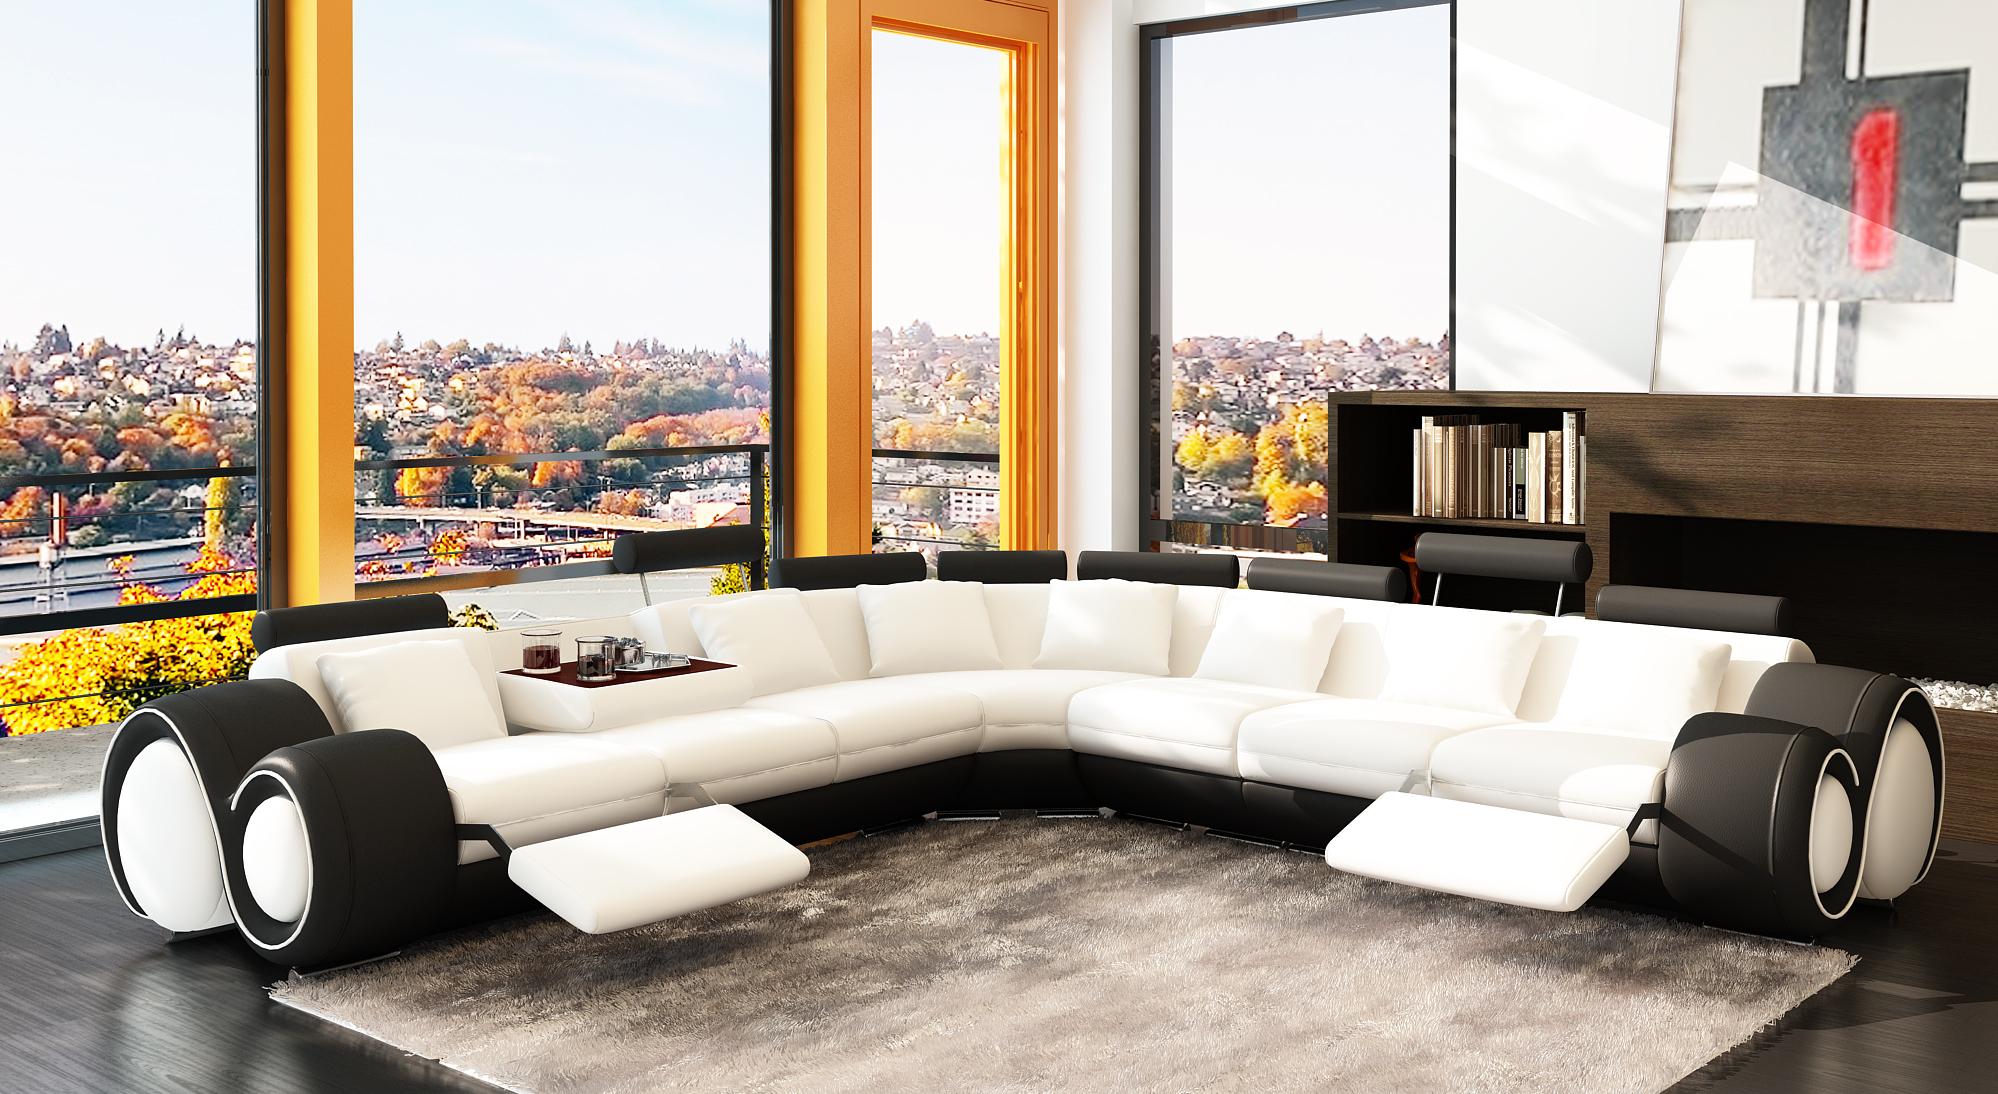 Vip design gmbh luxus ledersofa lexus sur - Luxus ledersofa ...